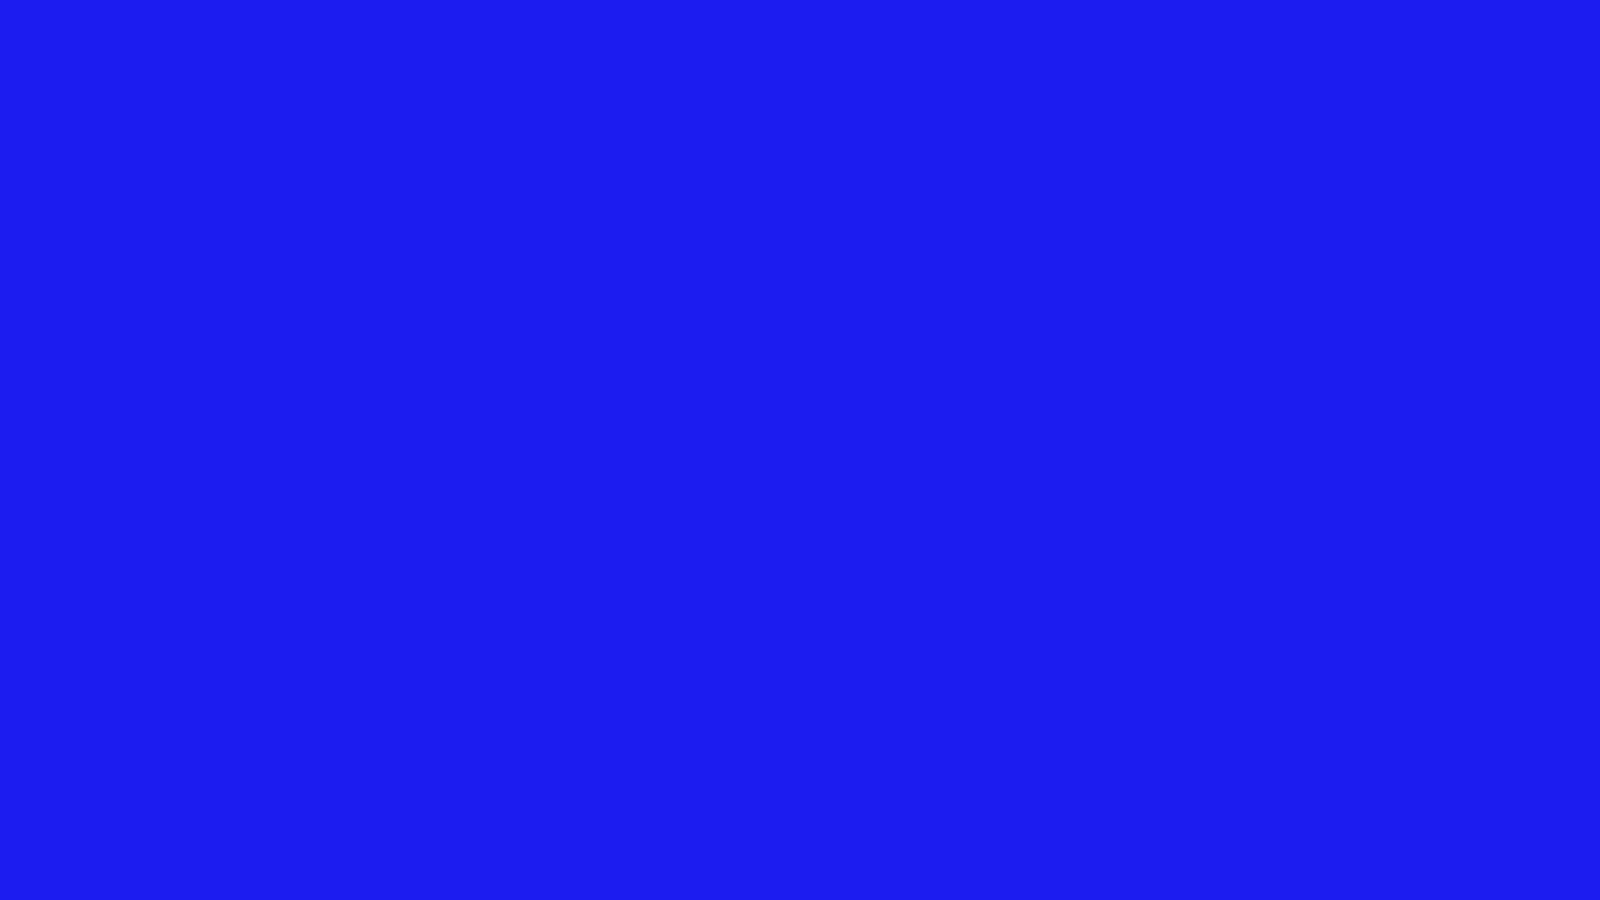 1600x900 Bluebonnet Solid Color Background